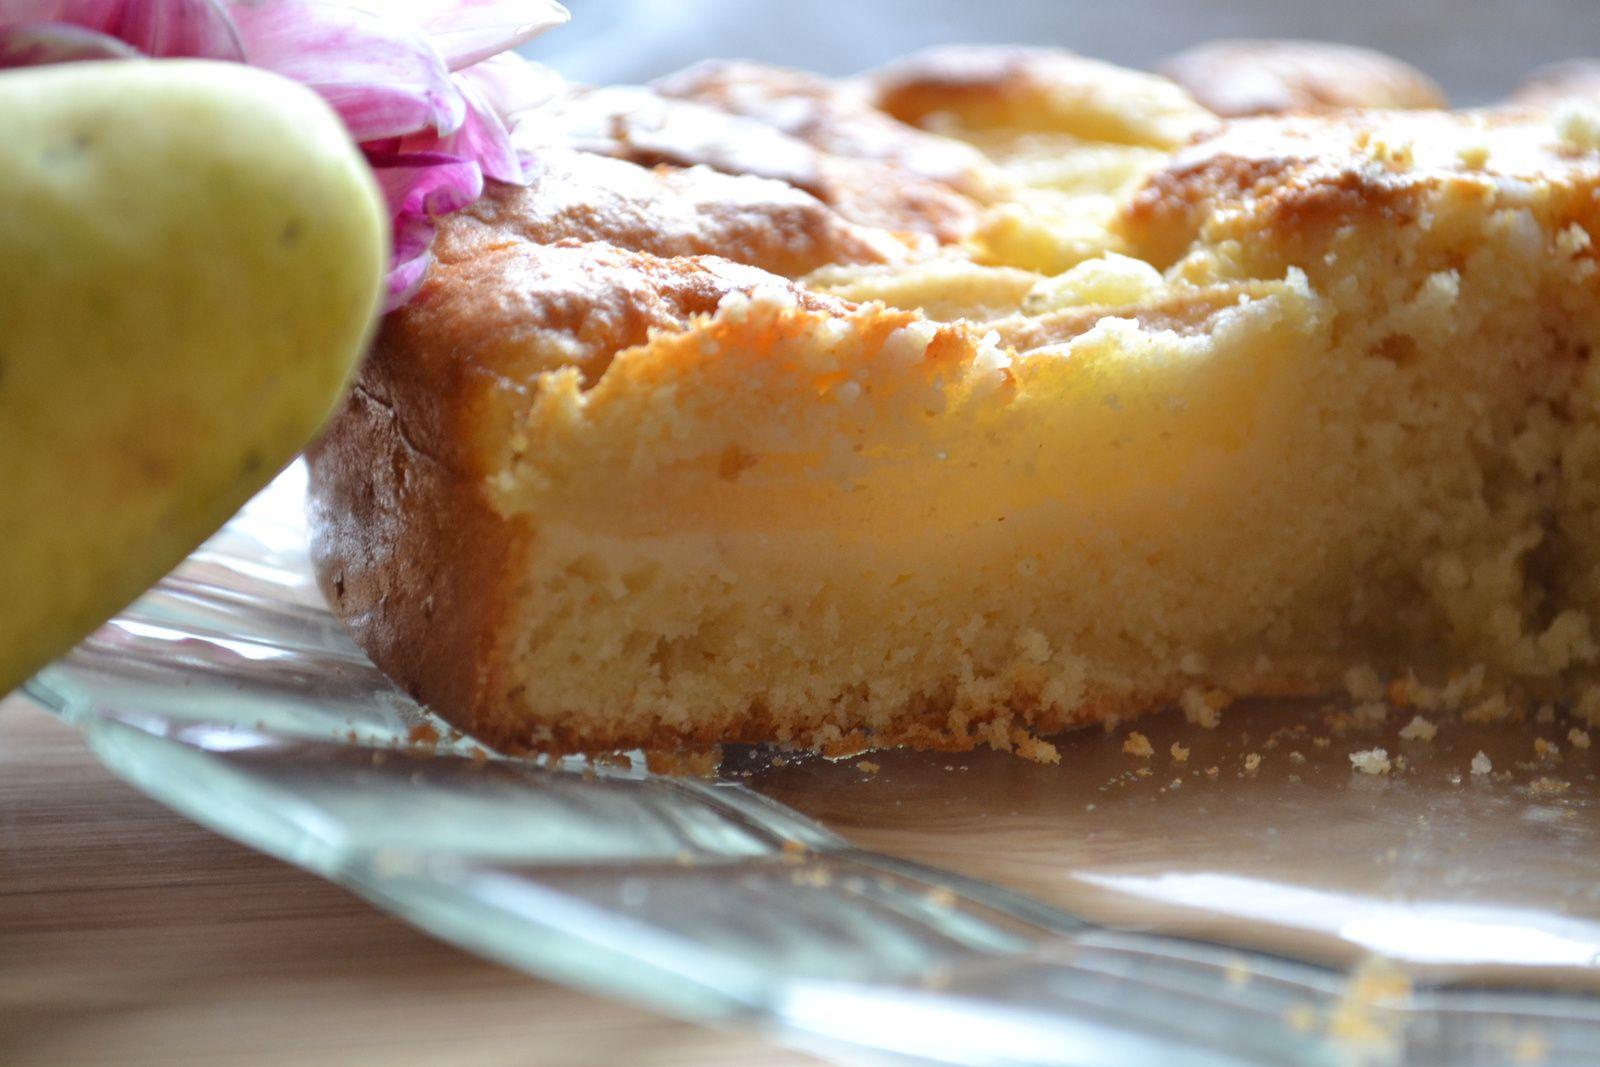 Gâteau au lait fermenté, aux poires et aux grains de sucre